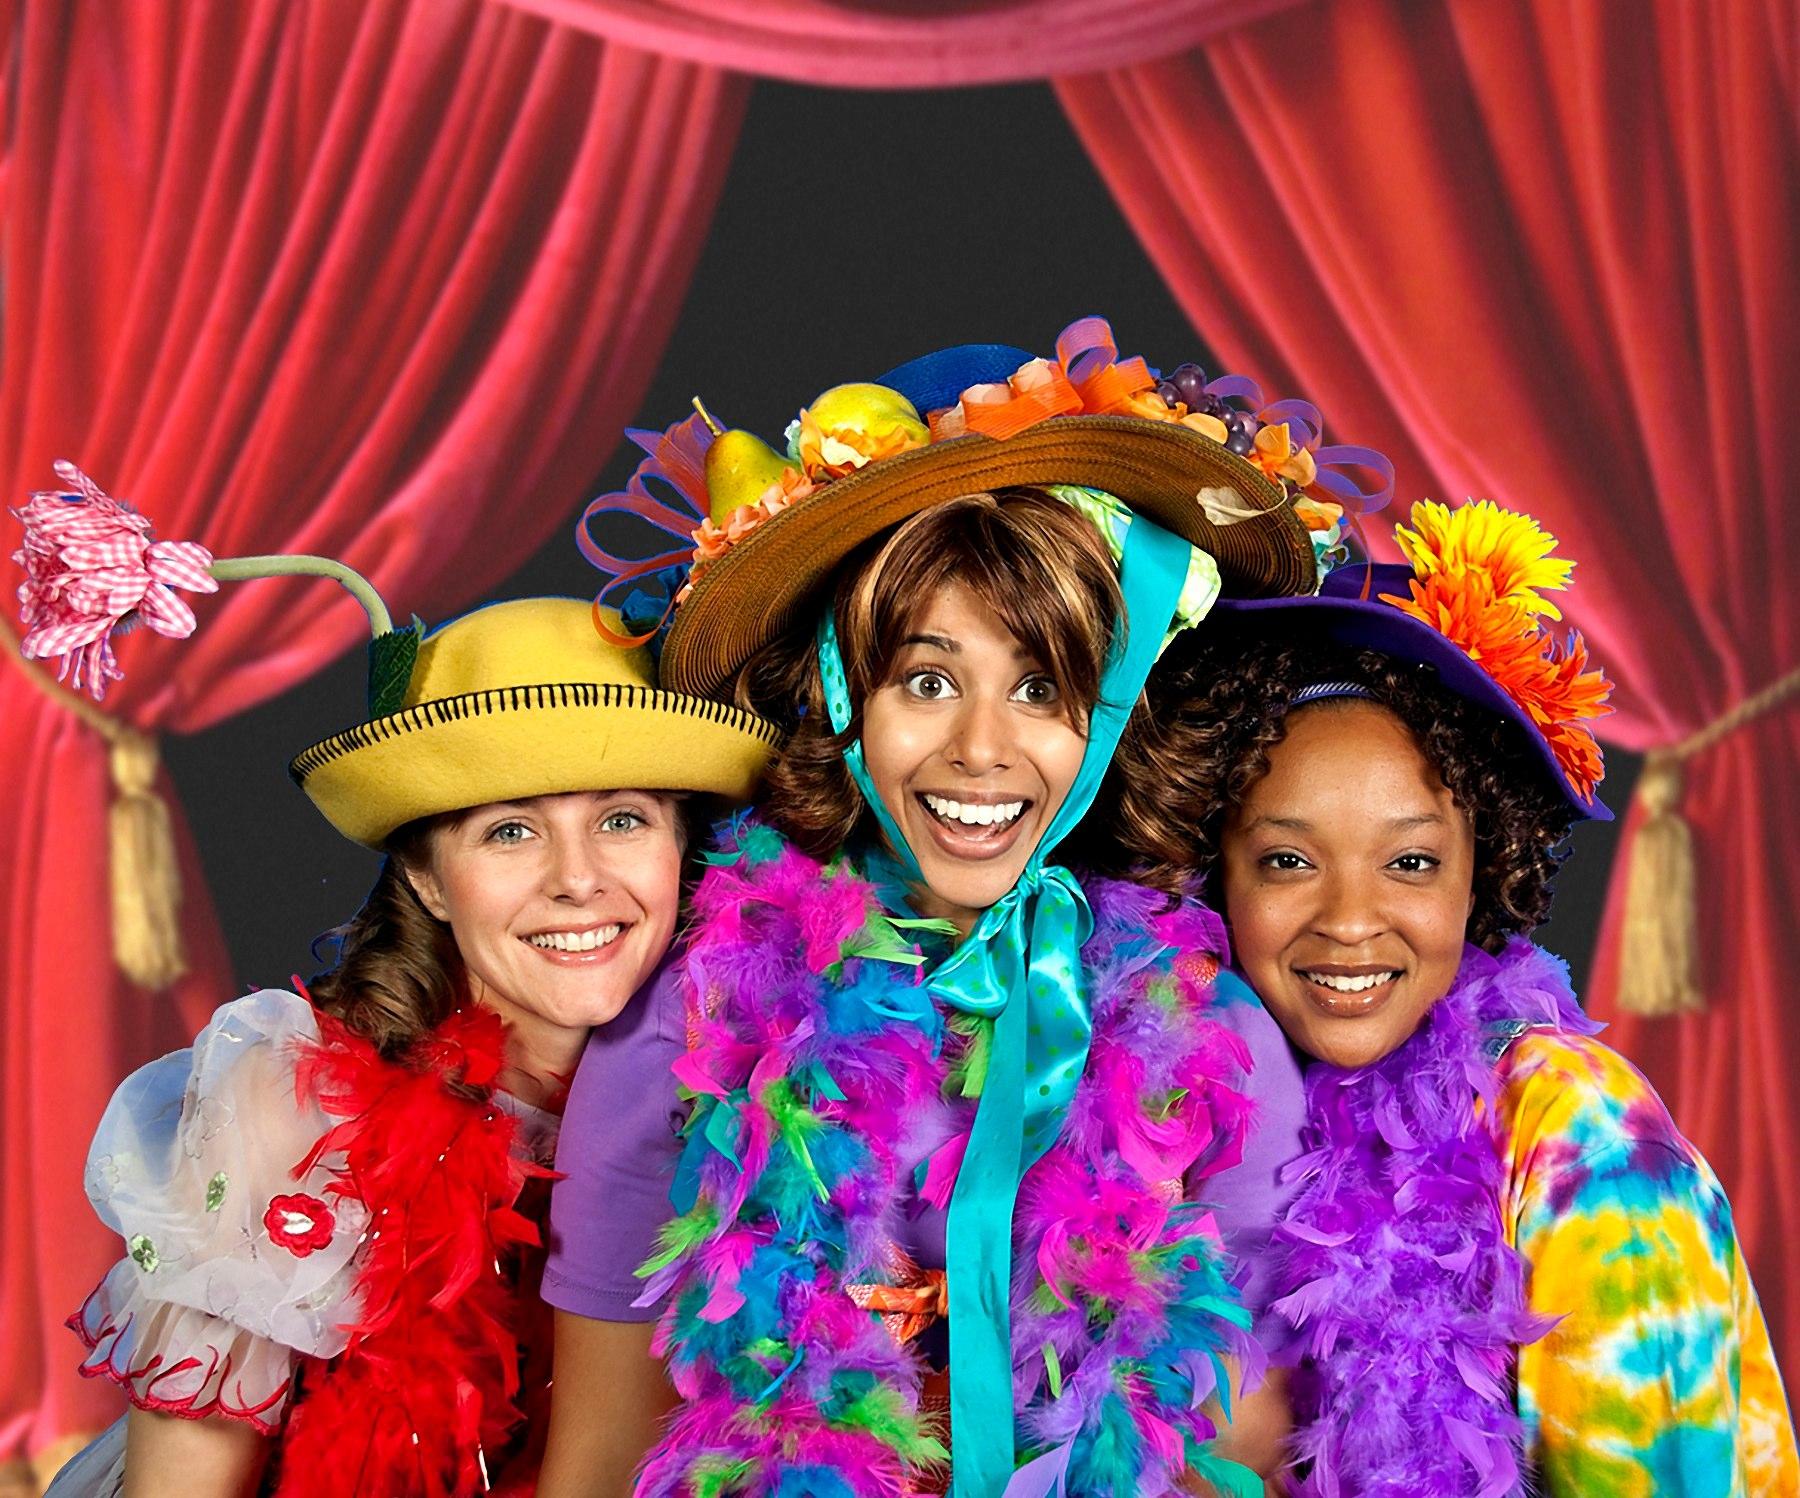 Lisa Schreiner (Lucille), Jessica Jain (Junie B. Jones), Ashley S. Duplechain (That Grace) Photo by Mark Oristano